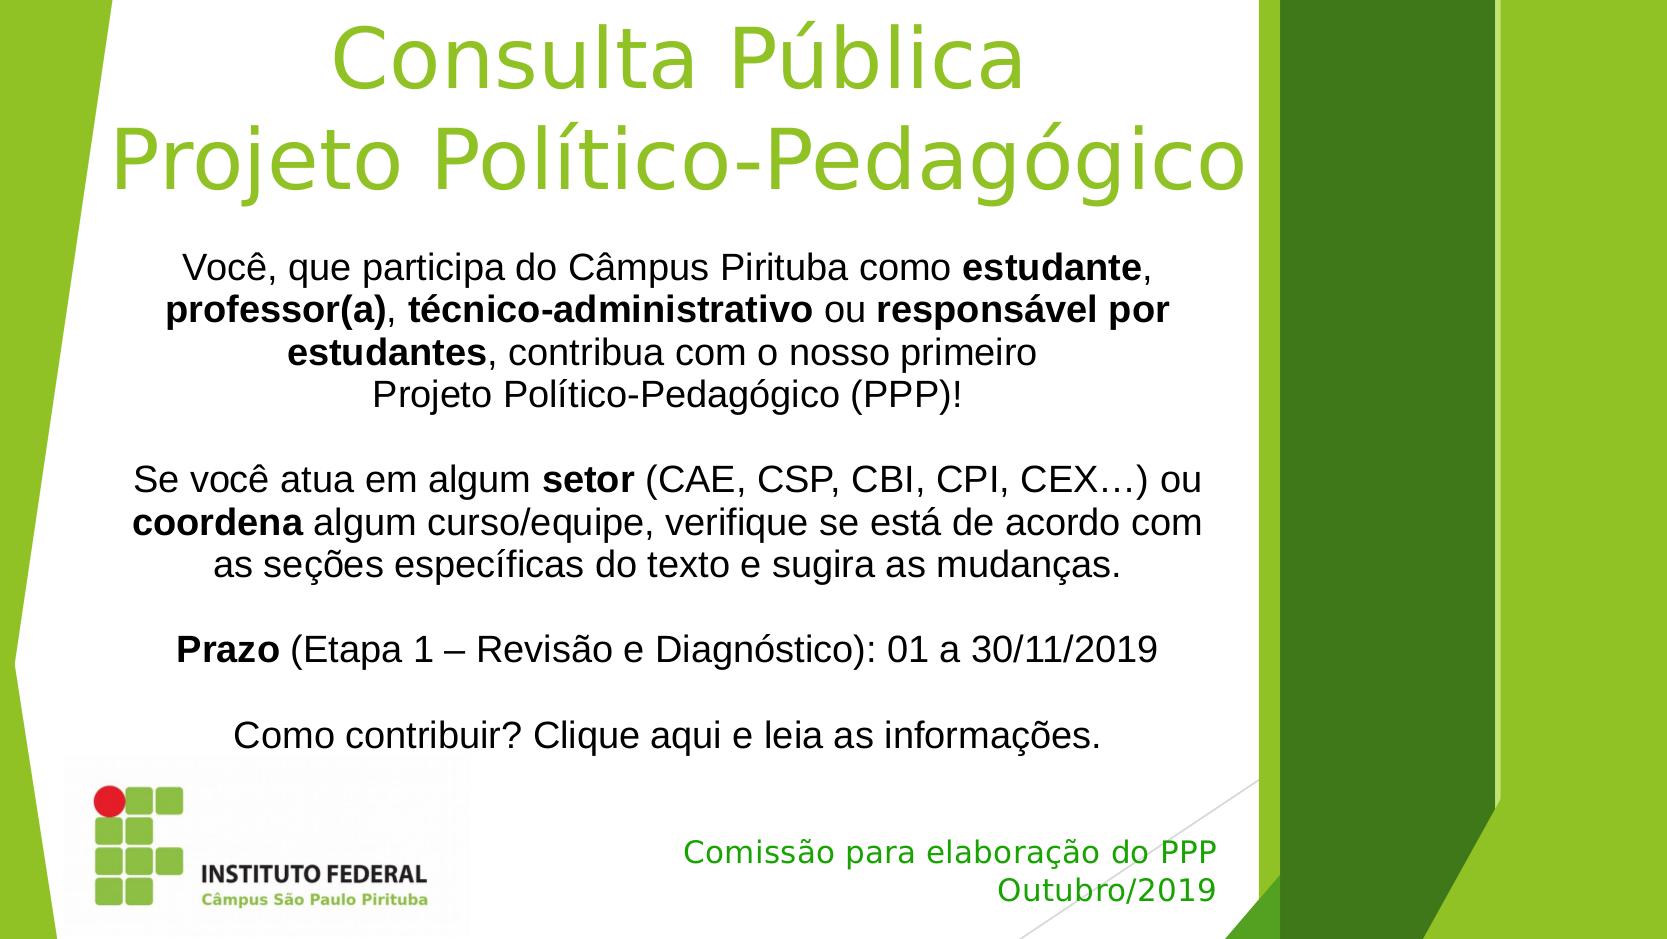 Consulta Pública (Etapa 1) – Projeto Político-Pedagógico do Câmpus PTB